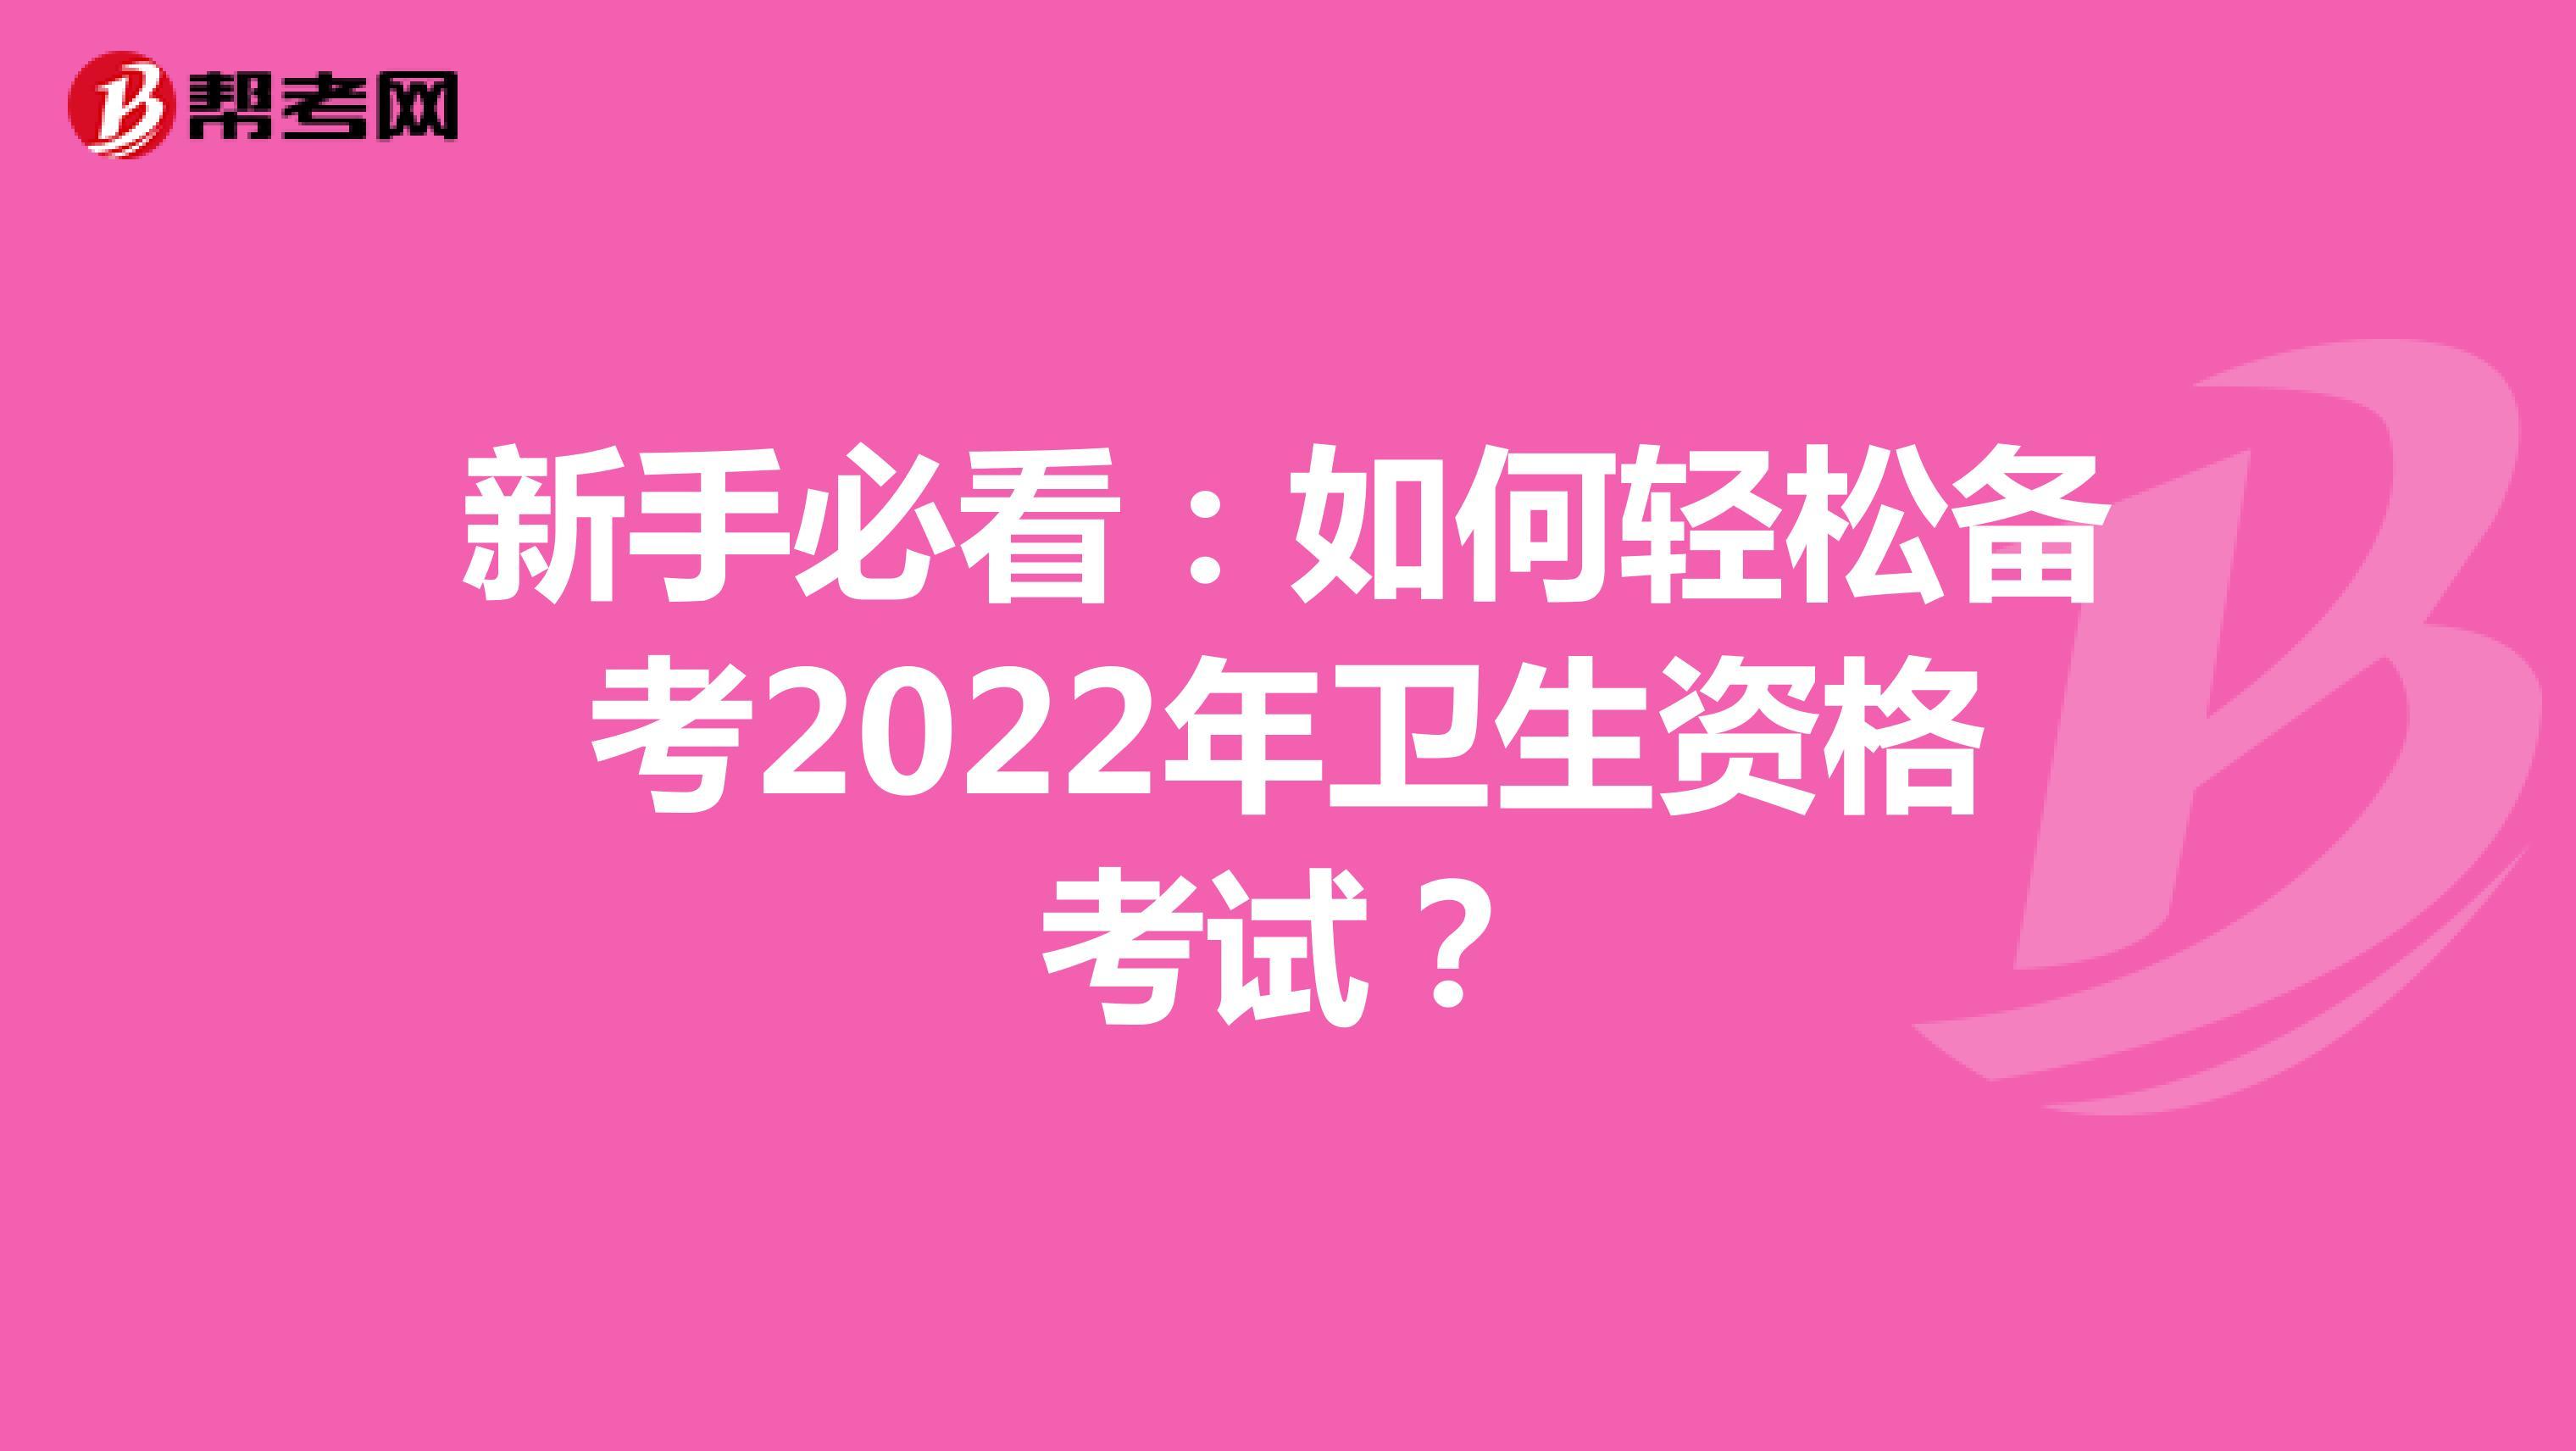 新手必看:如何轻松备考2022年卫生资格考试?